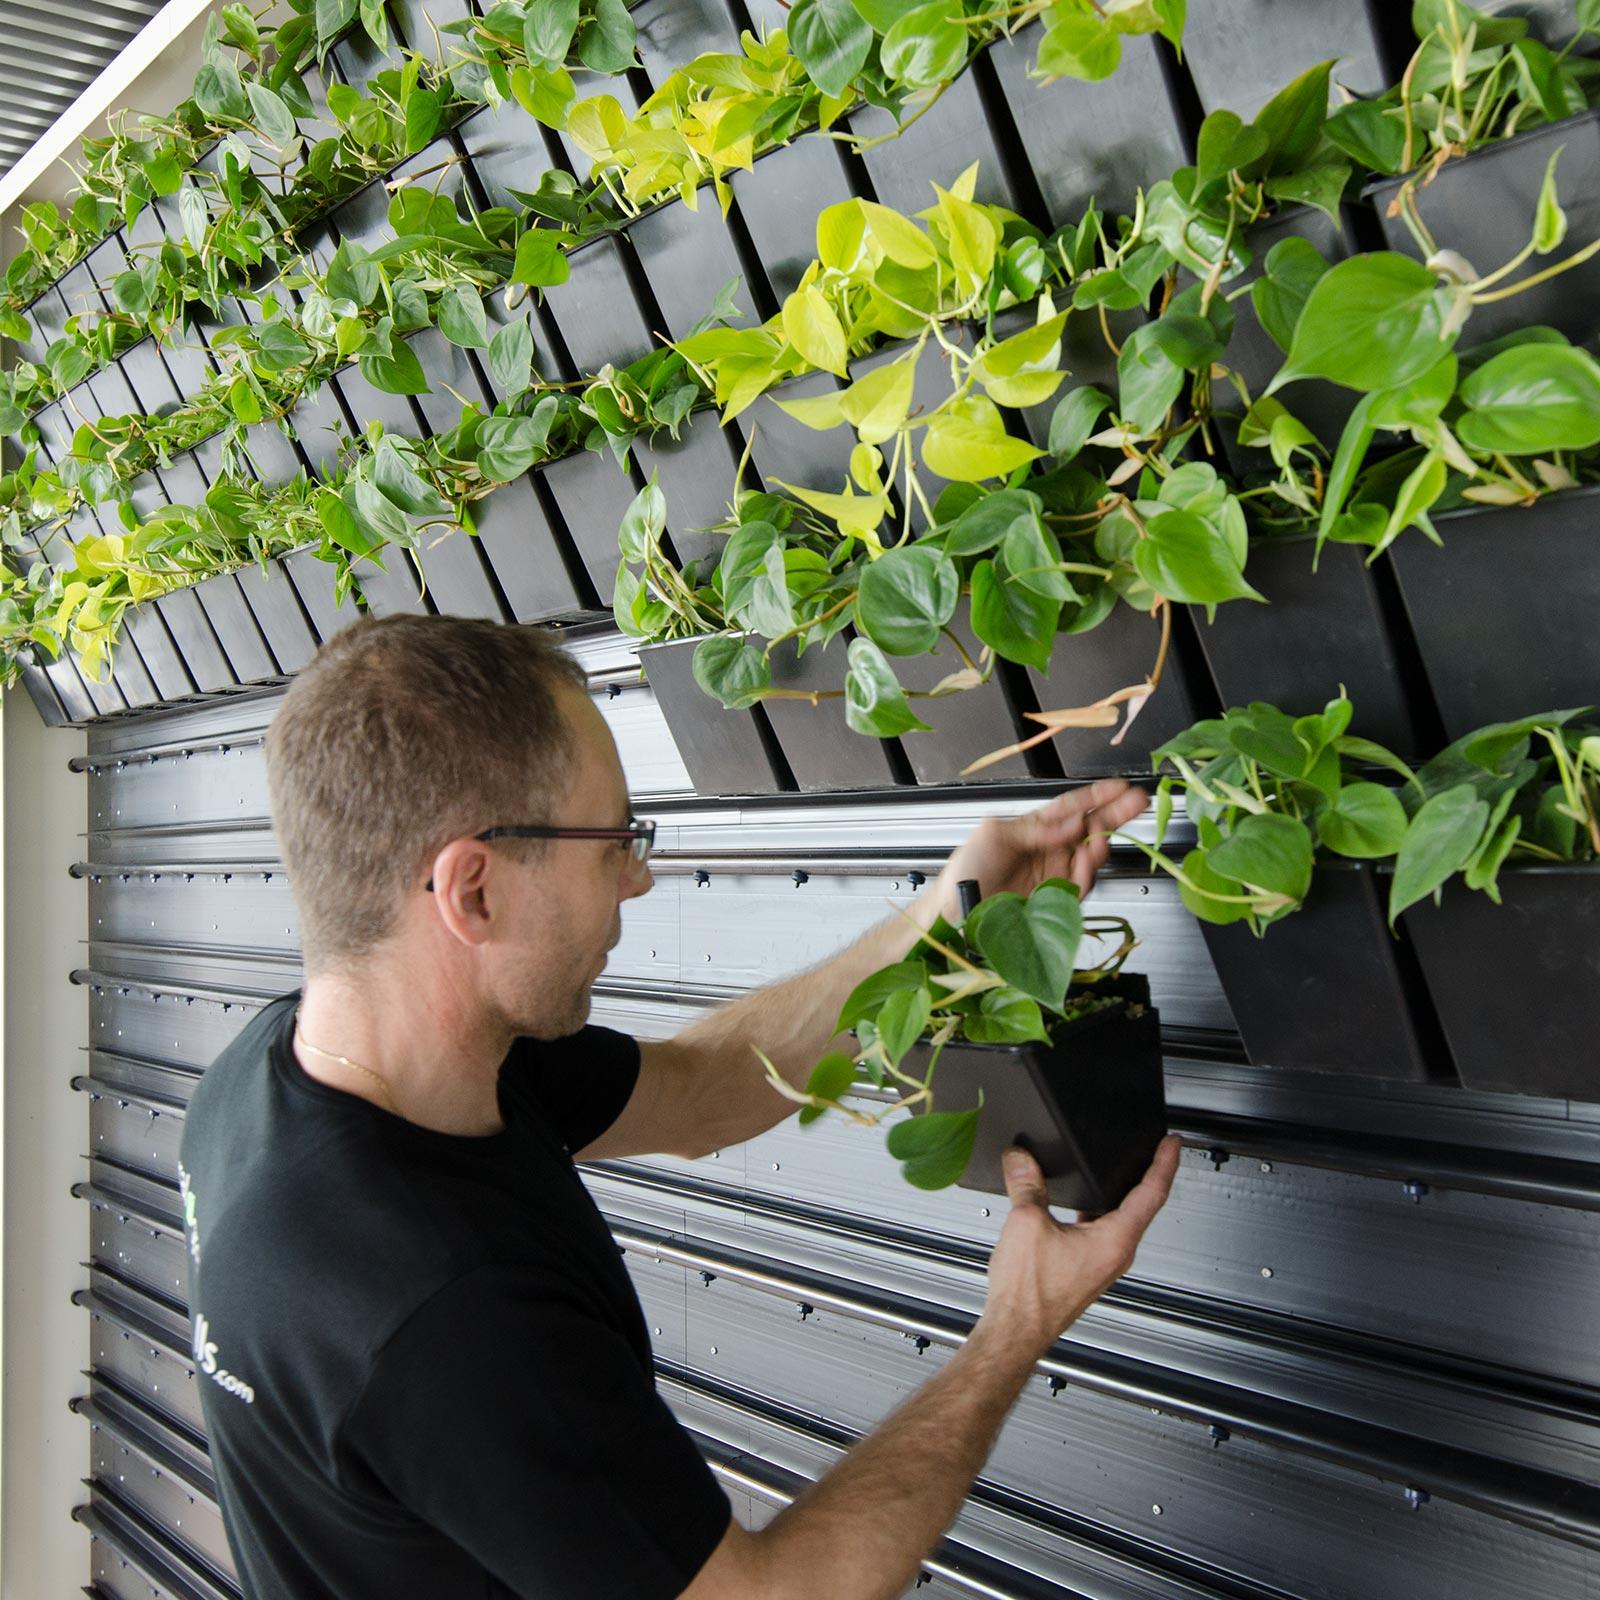 montering af plantevæg,